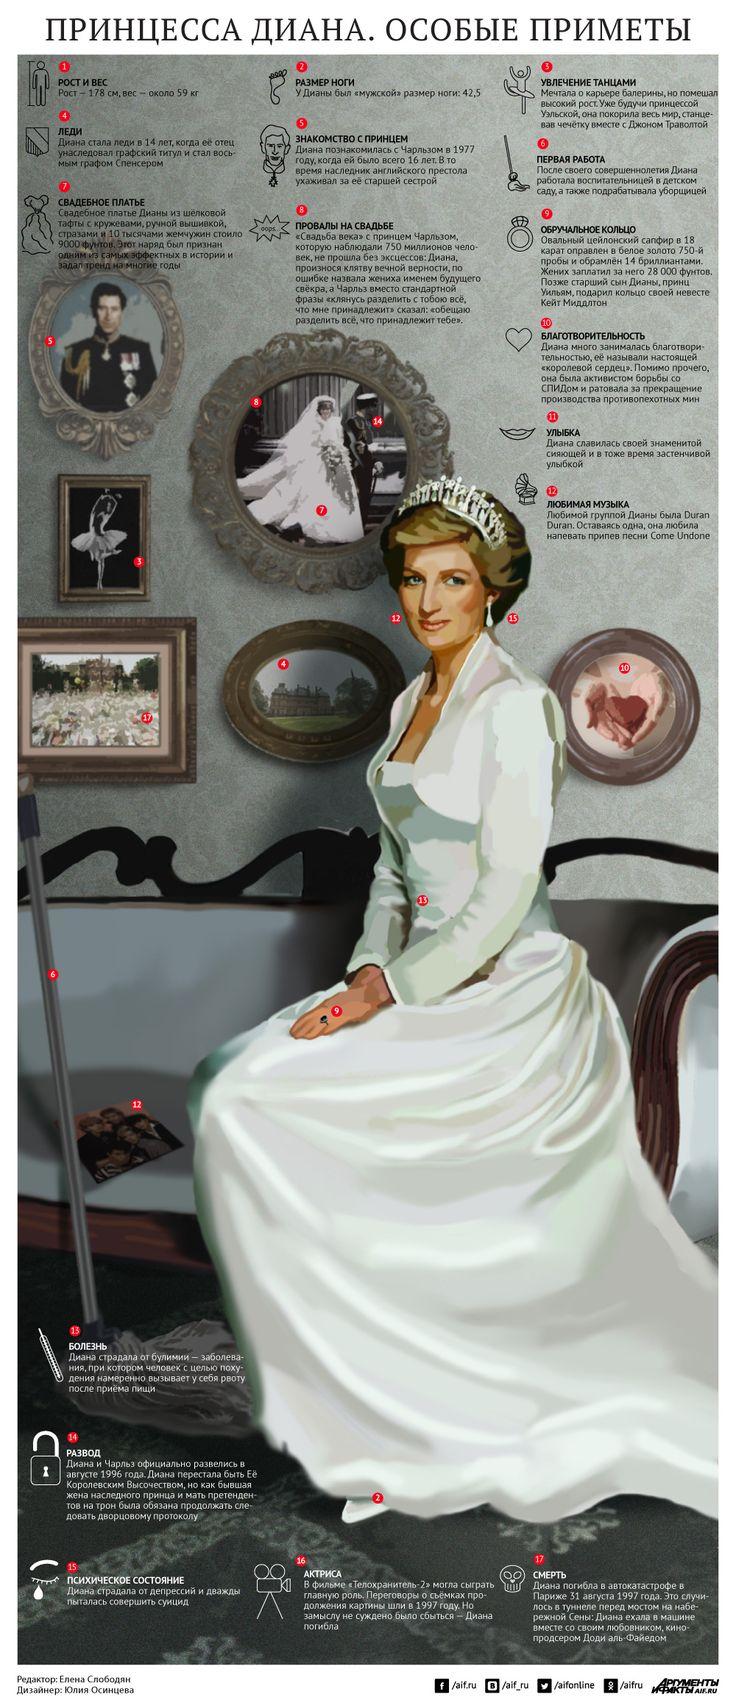 Смотрите в инфографике АиФ.ru подборку особых приметы принцессы Дианы.